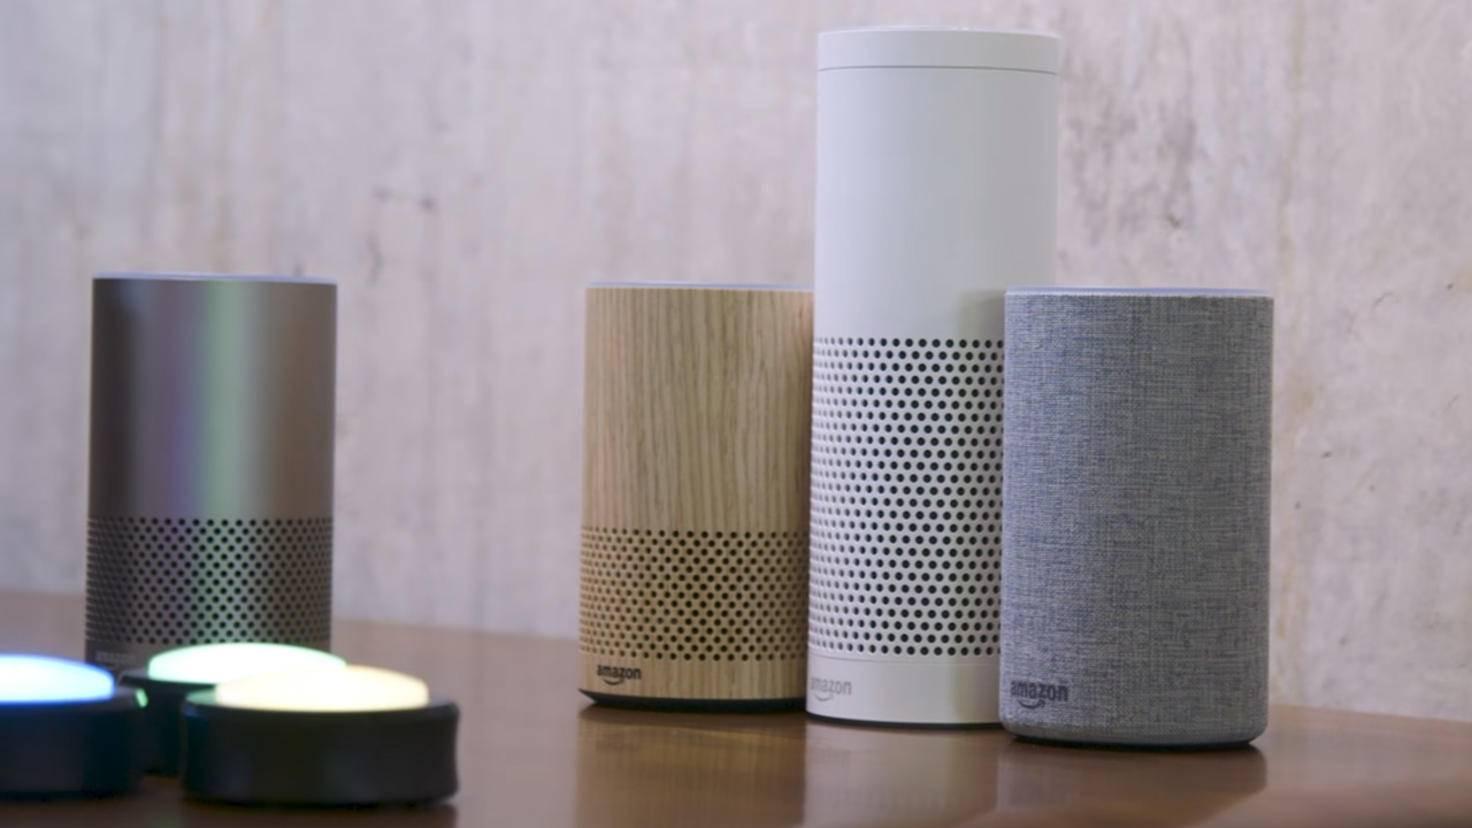 Die verschiedenen Amazon-Echo-Modelle unterscheiden sich in Preis und Größe.